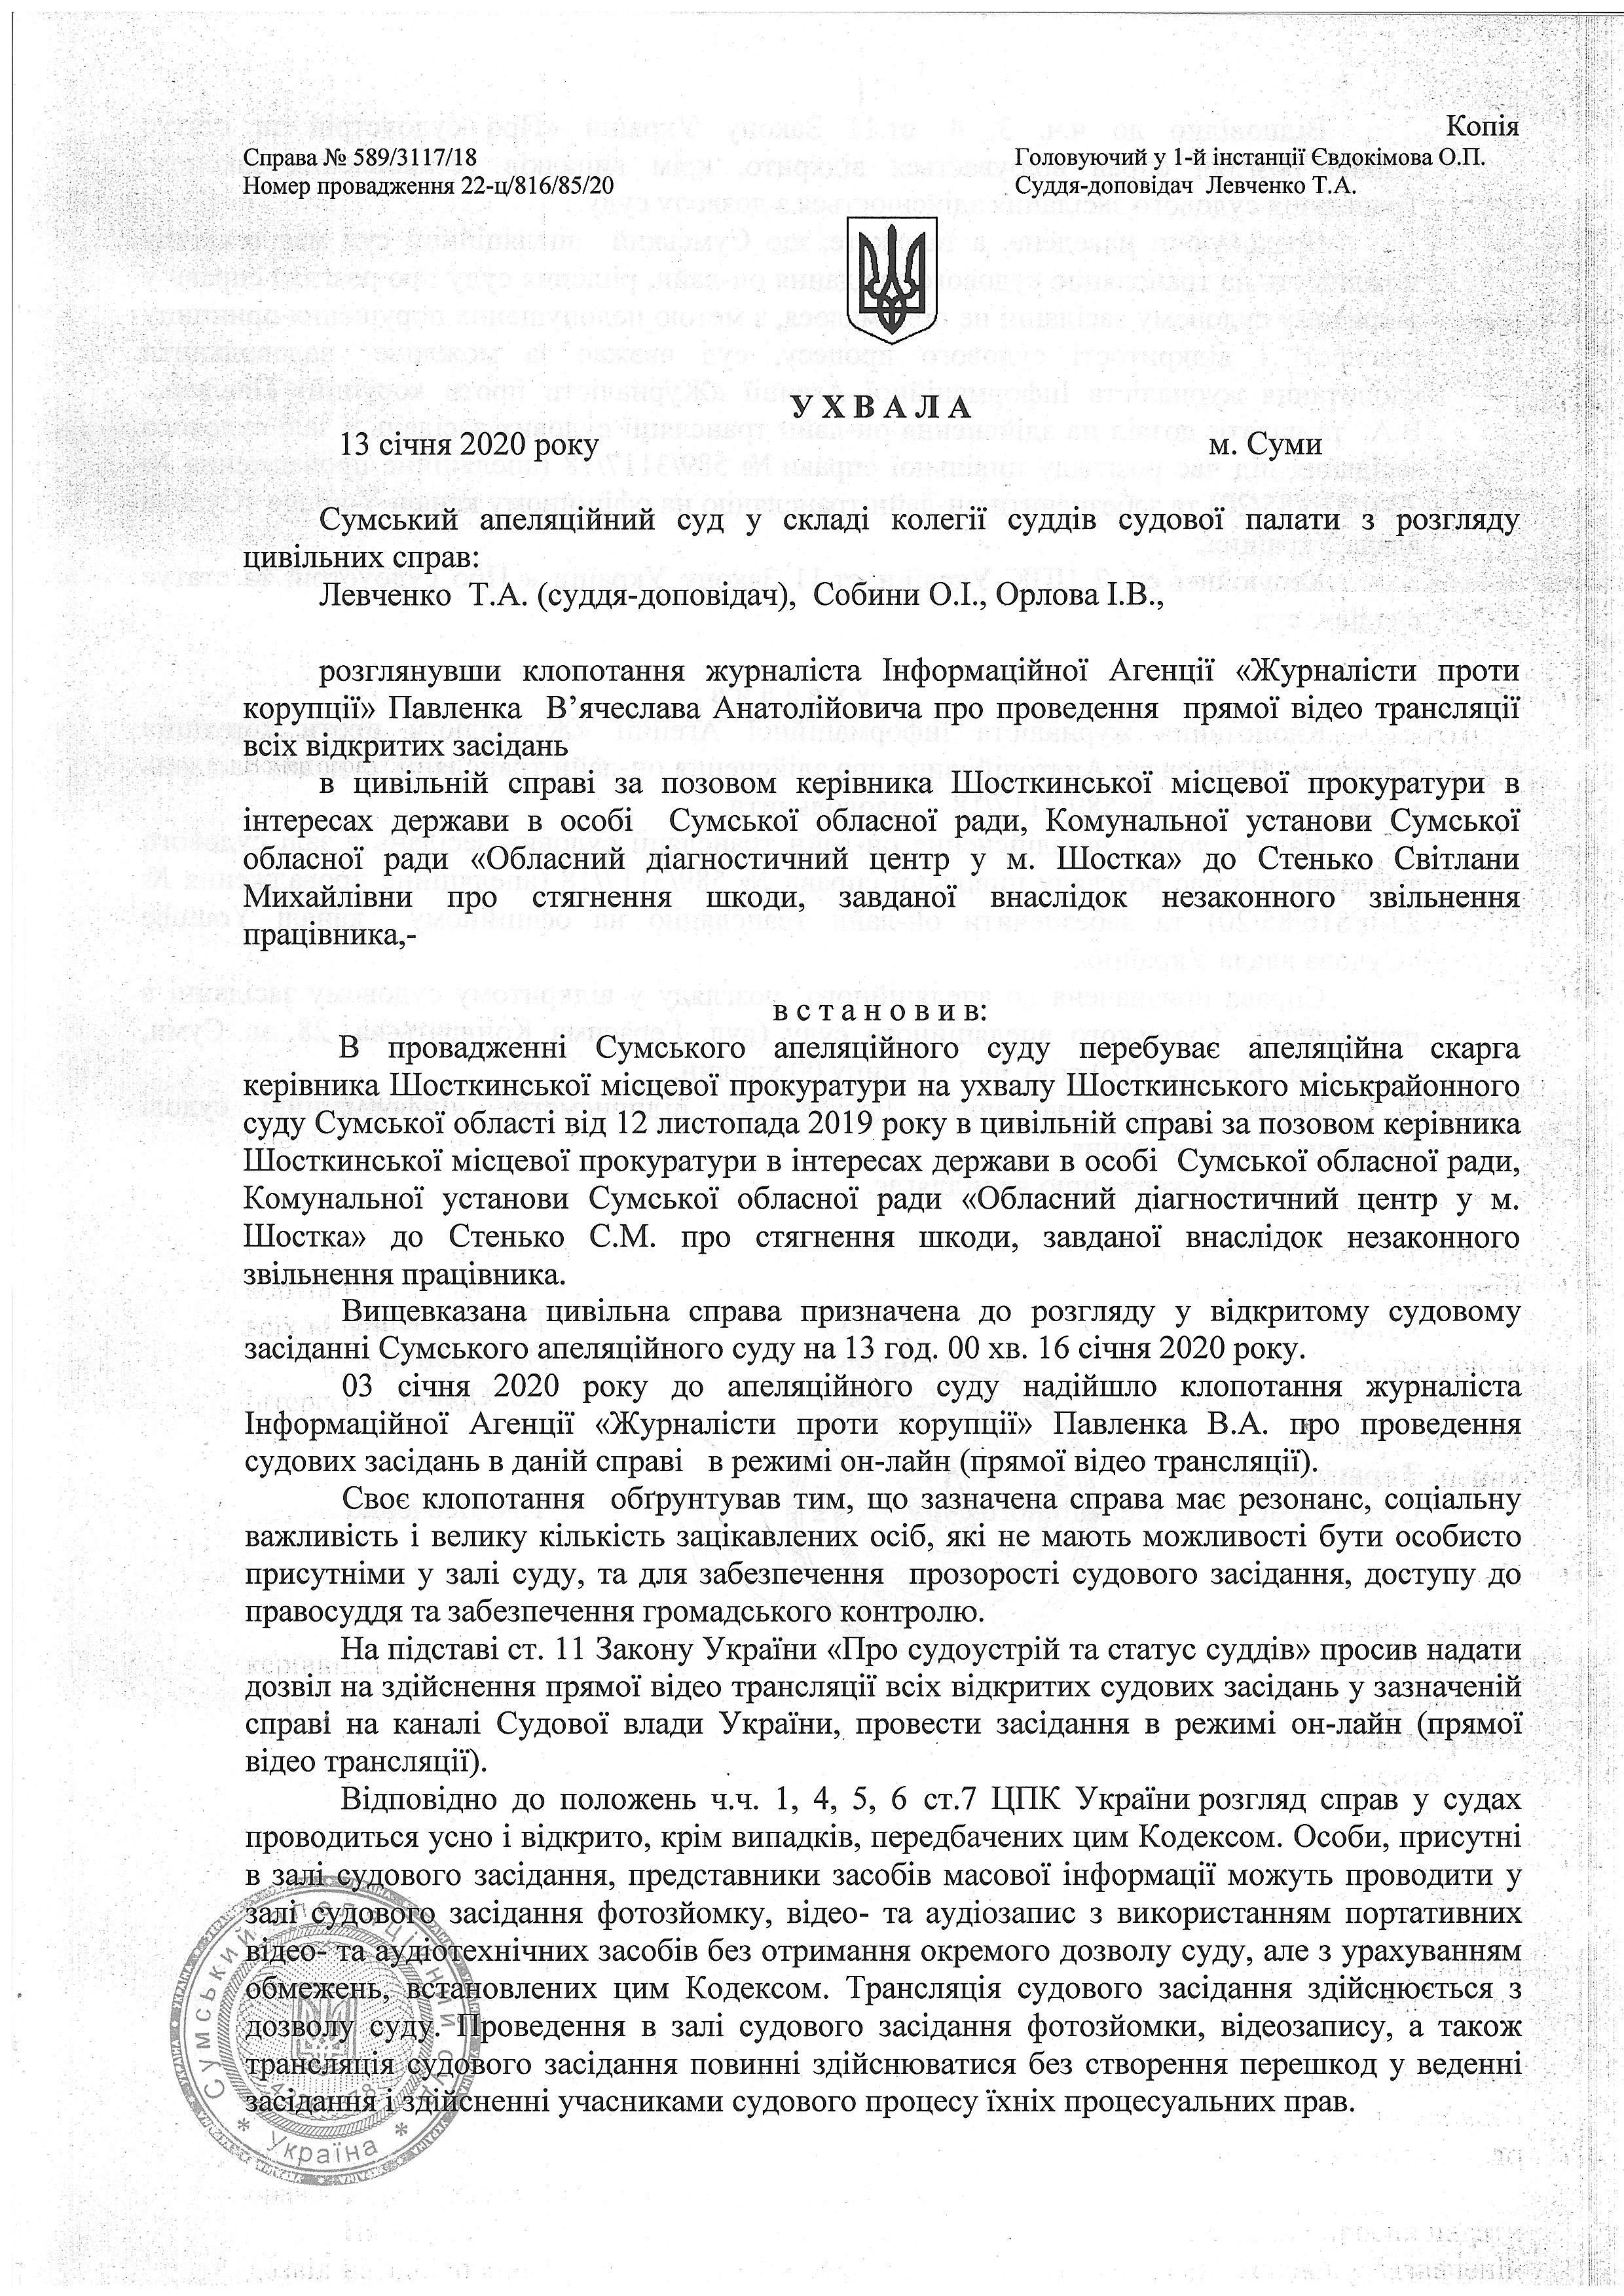 Ухвала по Стенько (1 стор.)